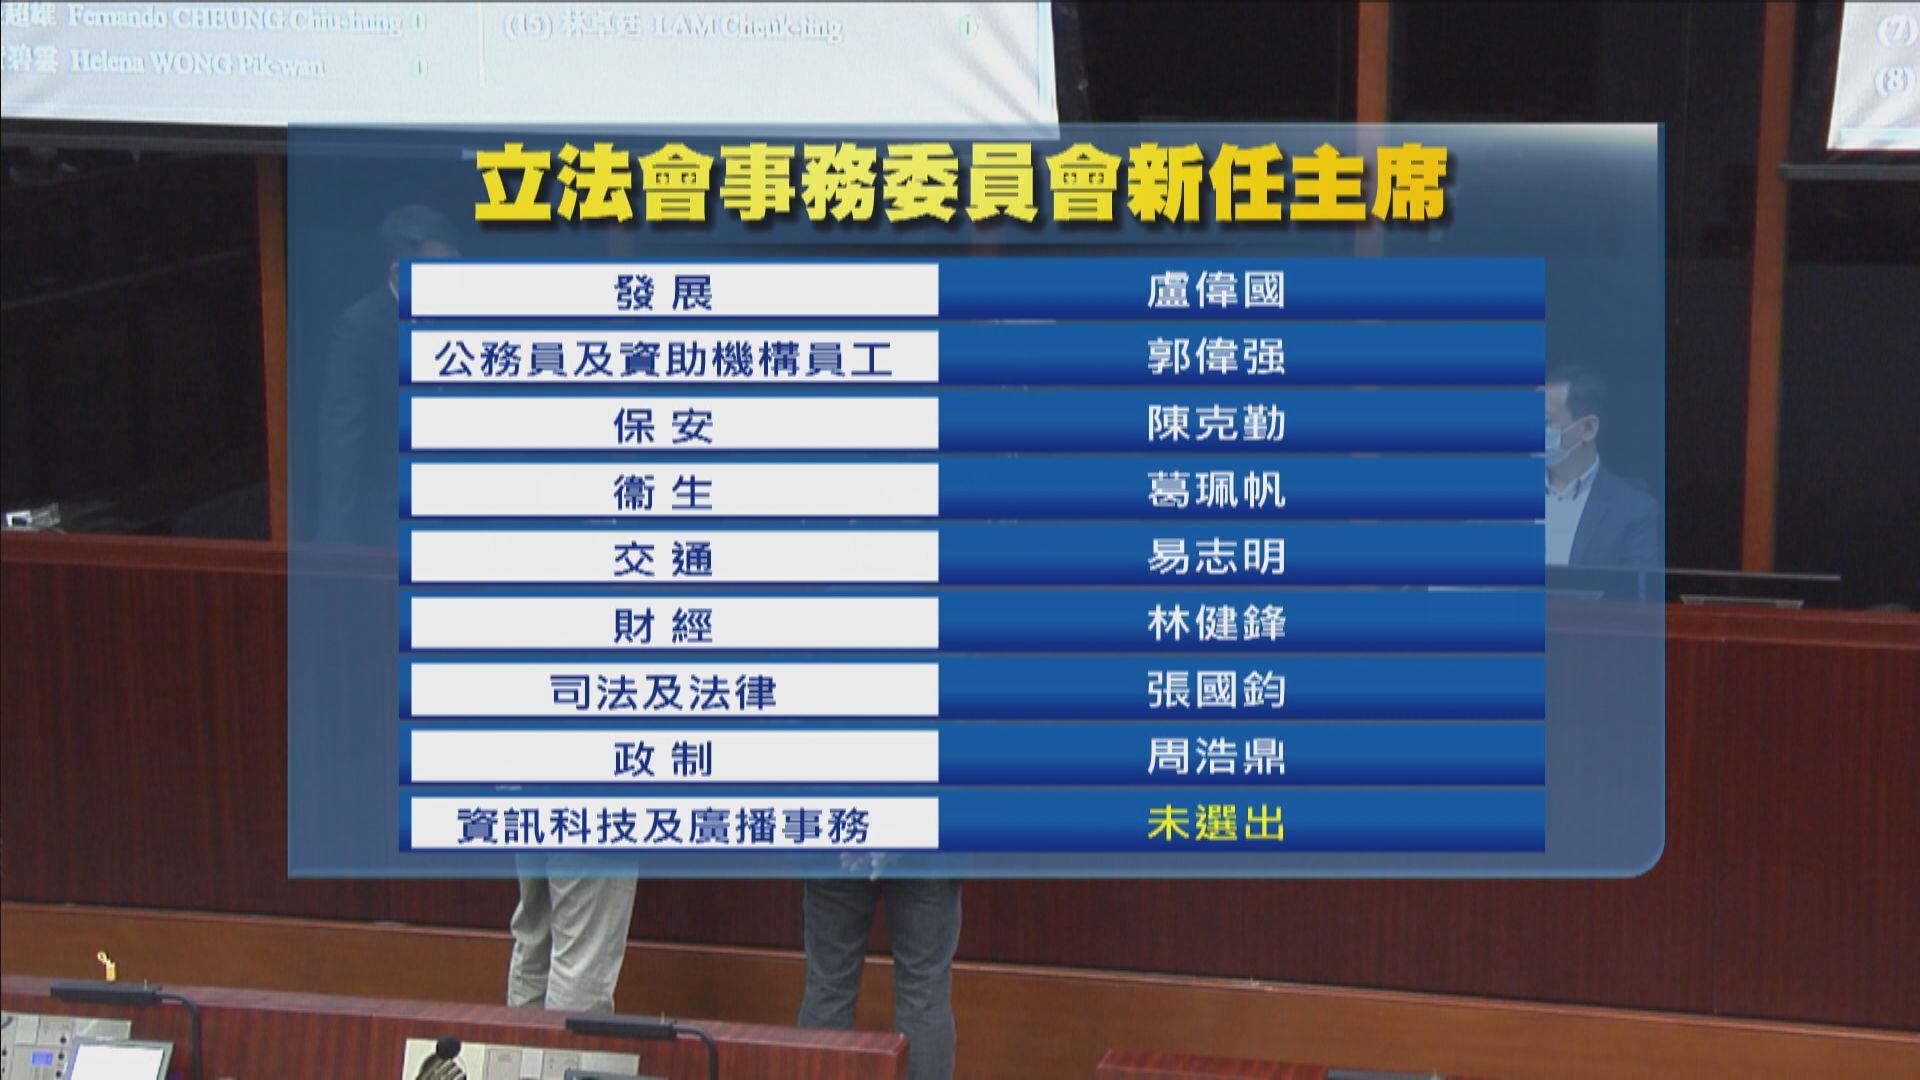 立法會事務委員會主席選舉 全部由建制派當選